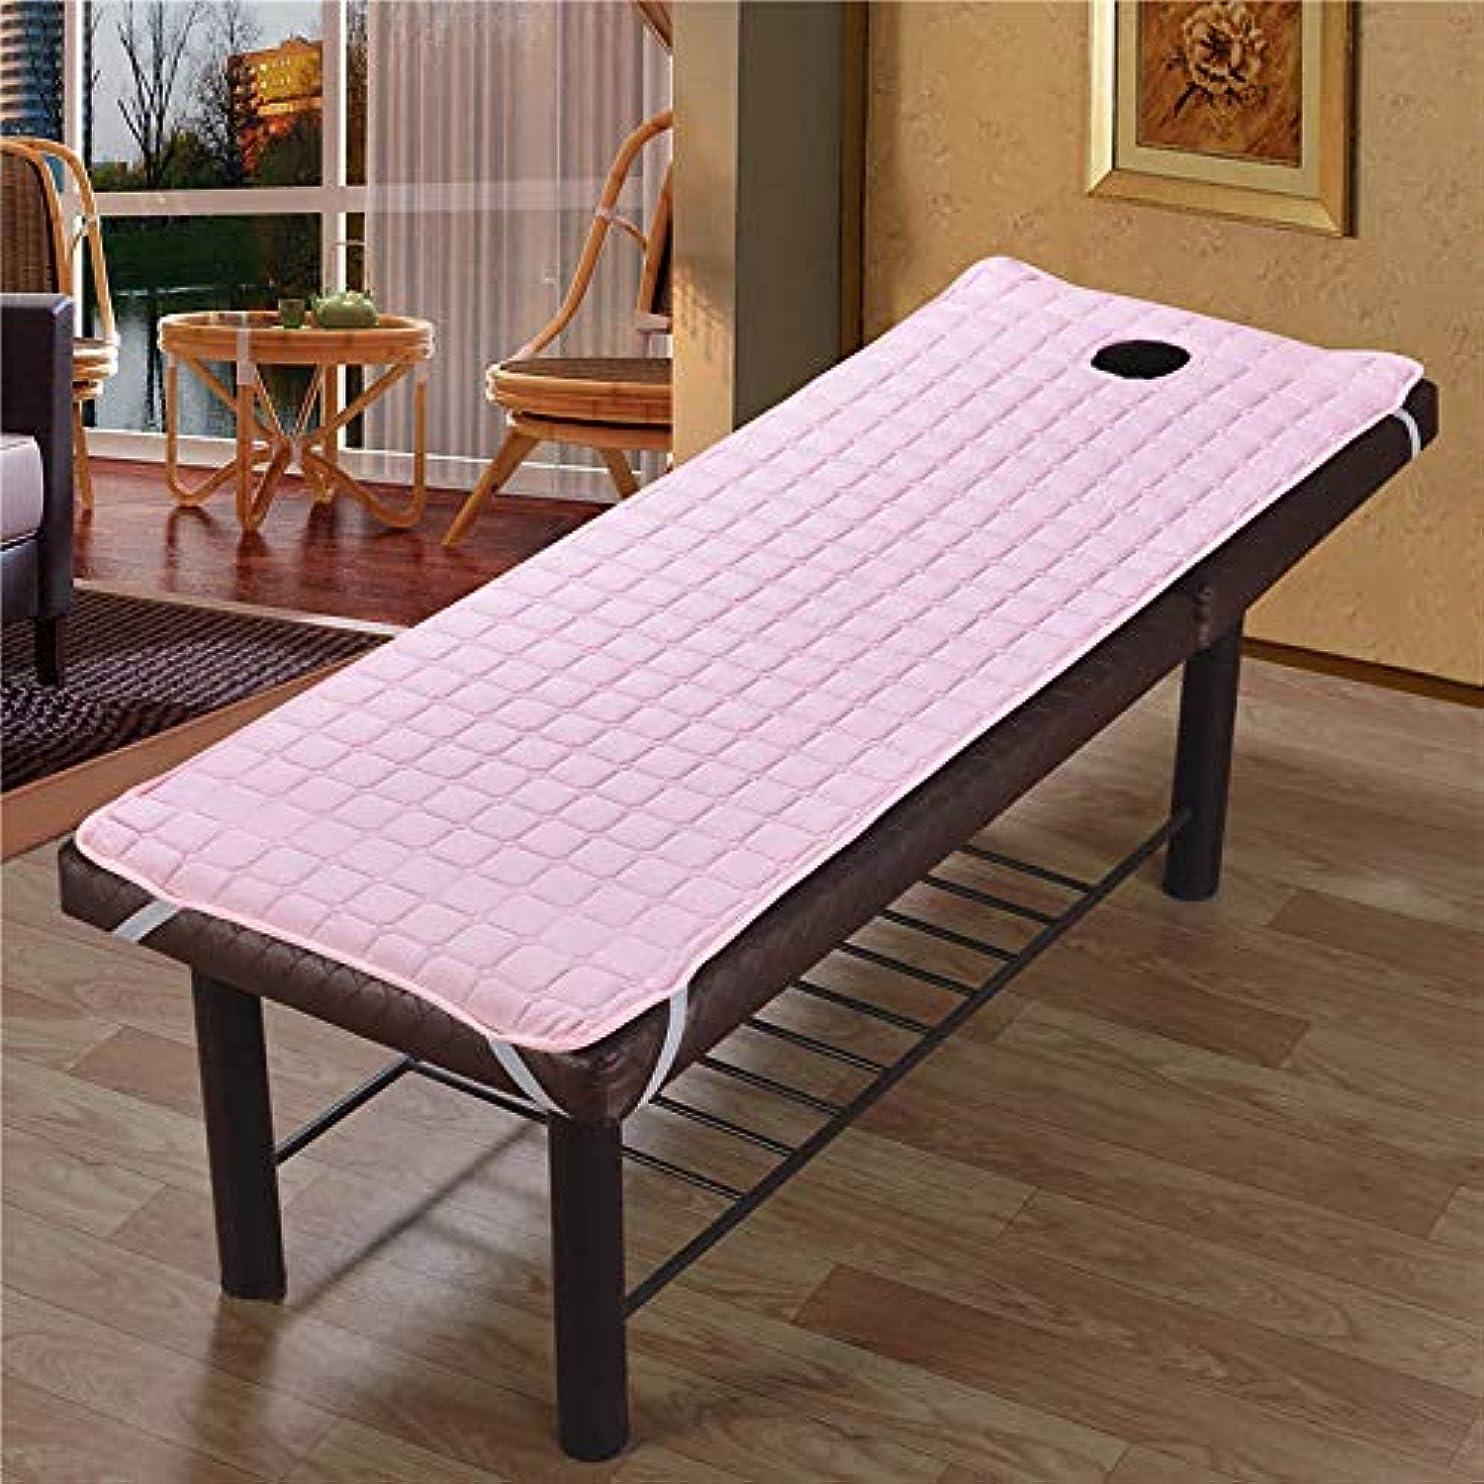 理容室大学投げるProfeel 美容院のマッサージ療法のベッドのための滑り止めのSoliod色の長方形のマットレス